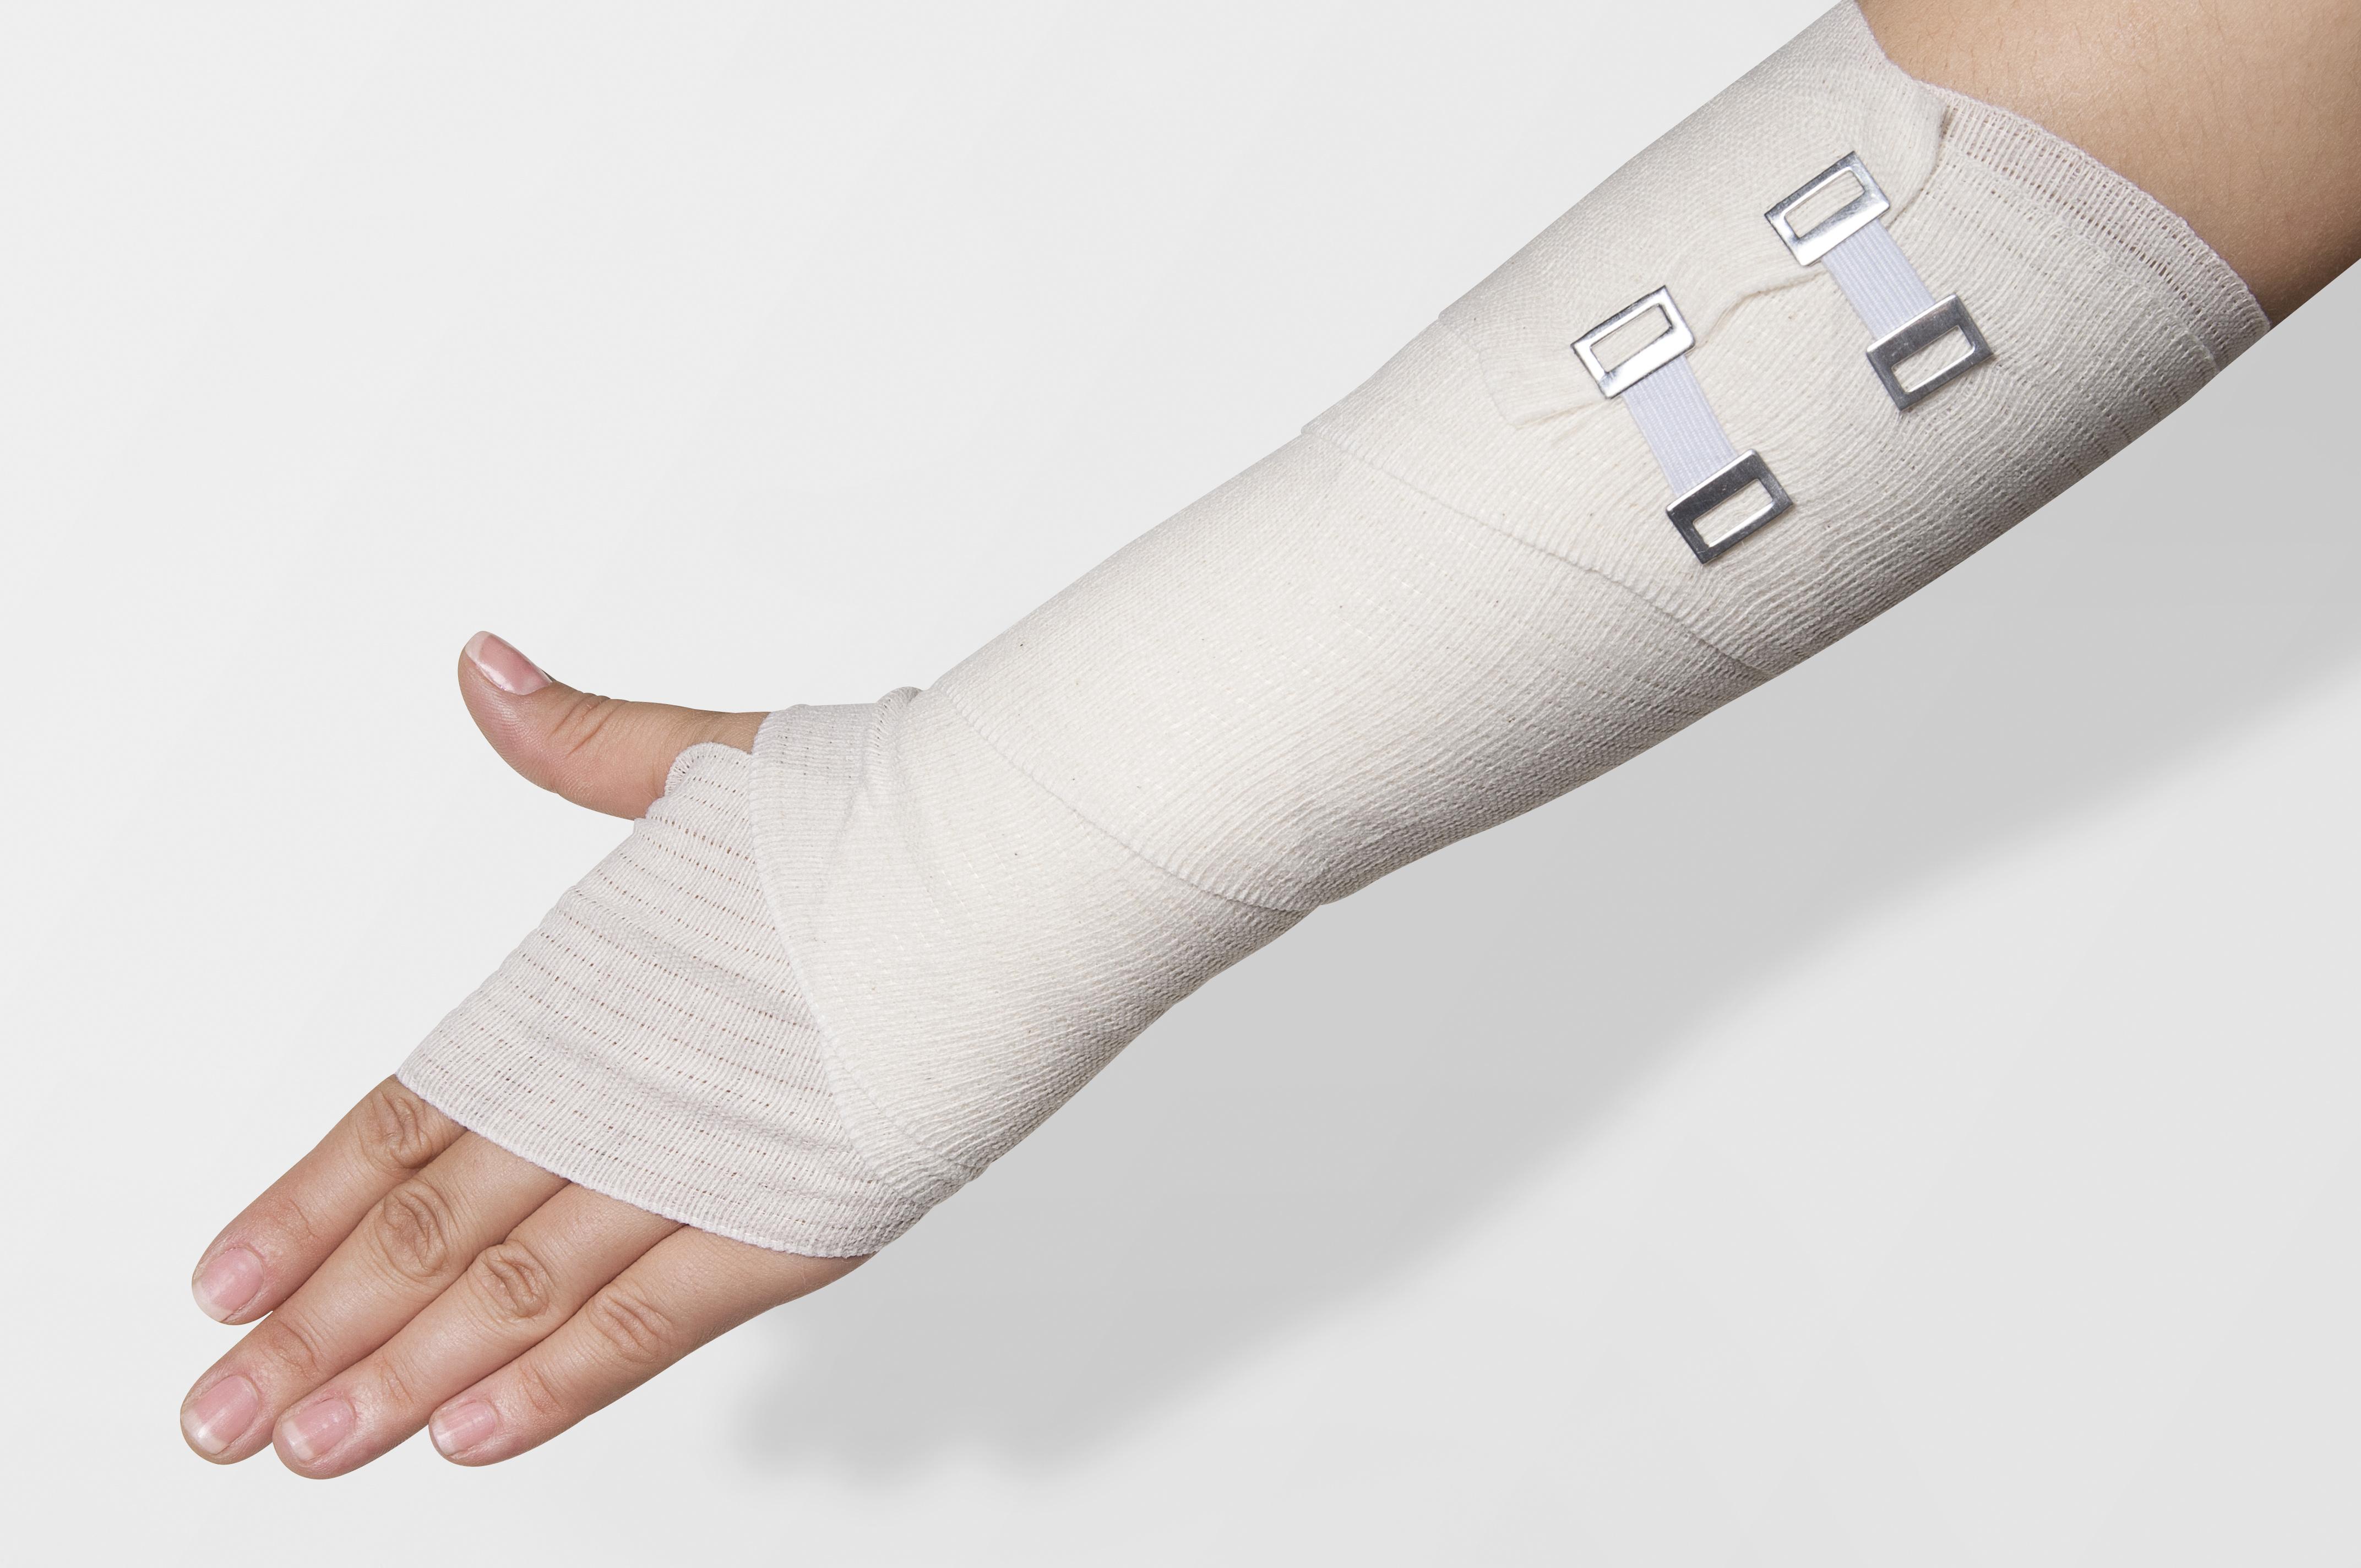 交通事故後の腕に障害が残った被害者のイメージ写真